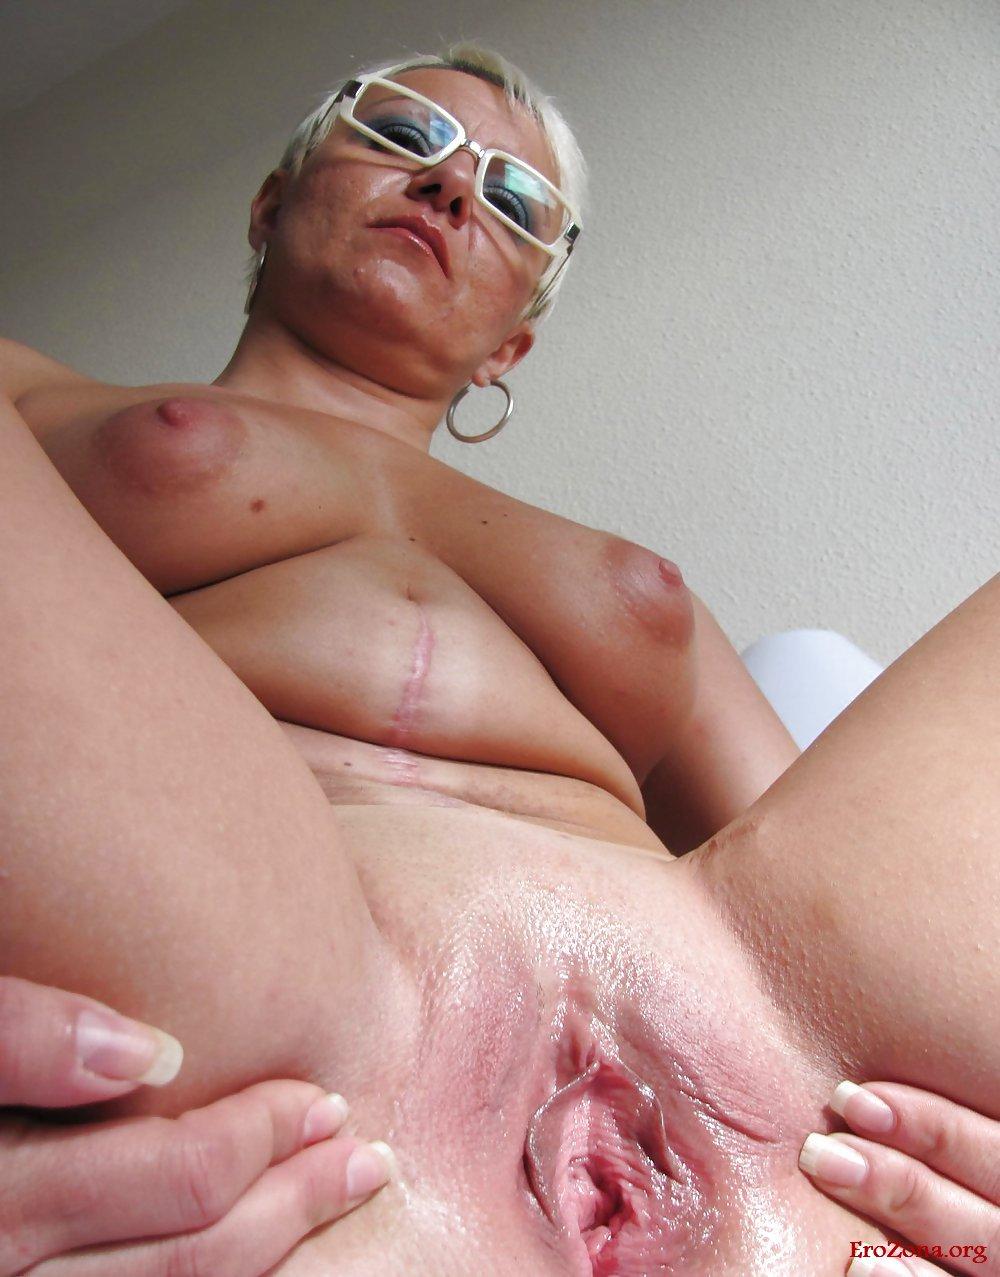 Голые Зрелые Женщины Крупным Планом Видео